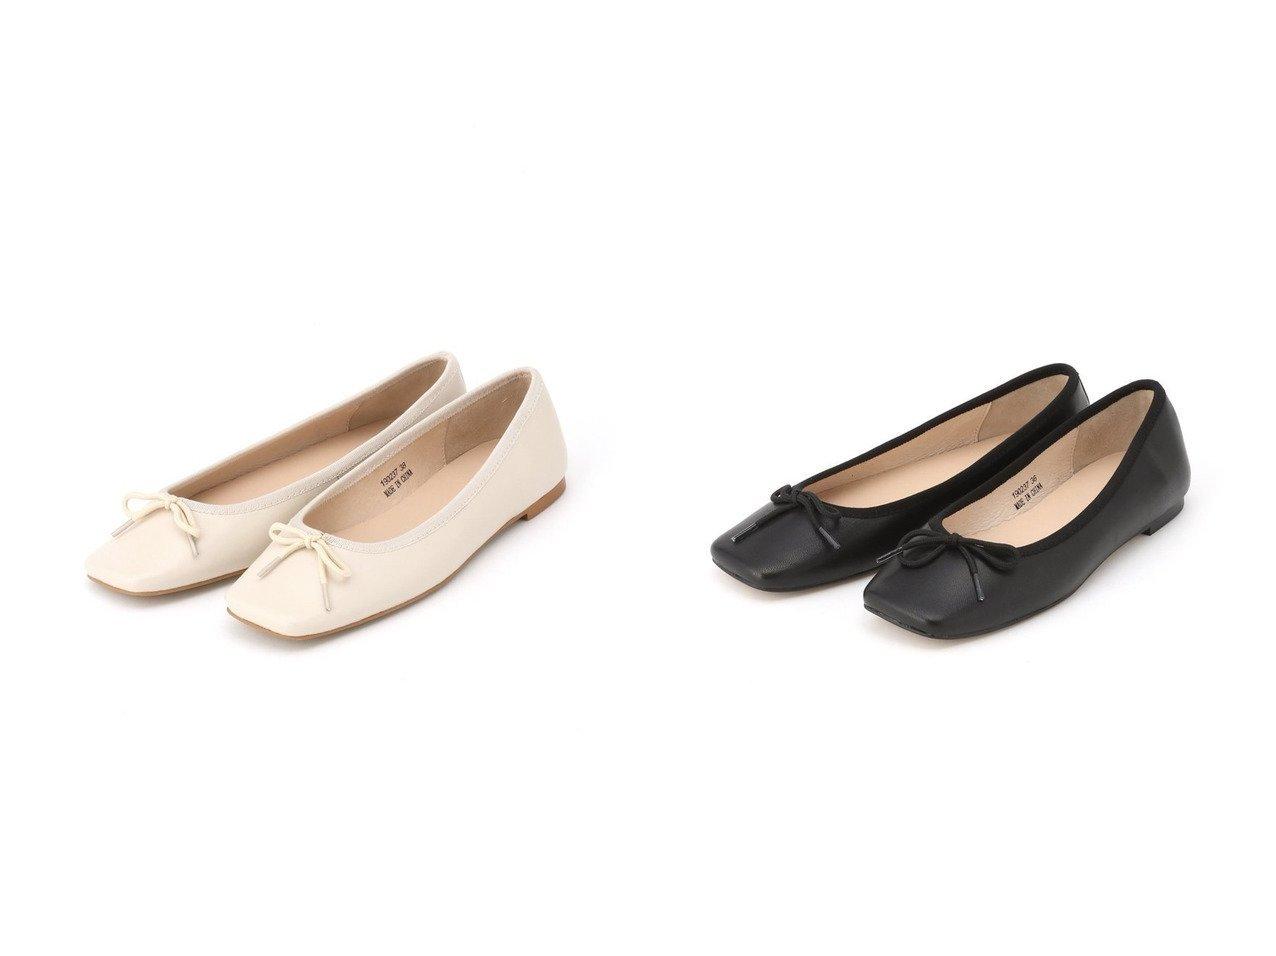 【SARIELA/サリエラ】のSARIELA スクエアトゥパンプス 【シューズ・靴】おすすめ!人気、トレンド・レディースファッションの通販   おすすめで人気の流行・トレンド、ファッションの通販商品 メンズファッション・キッズファッション・インテリア・家具・レディースファッション・服の通販 founy(ファニー) https://founy.com/ ファッション Fashion レディースファッション WOMEN 2021年 2021 2021春夏・S/S SS/Spring/Summer/2021 S/S・春夏 SS・Spring/Summer シューズ スクエア スマート タイツ フェミニン フォルム 春 Spring  ID:crp329100000026891